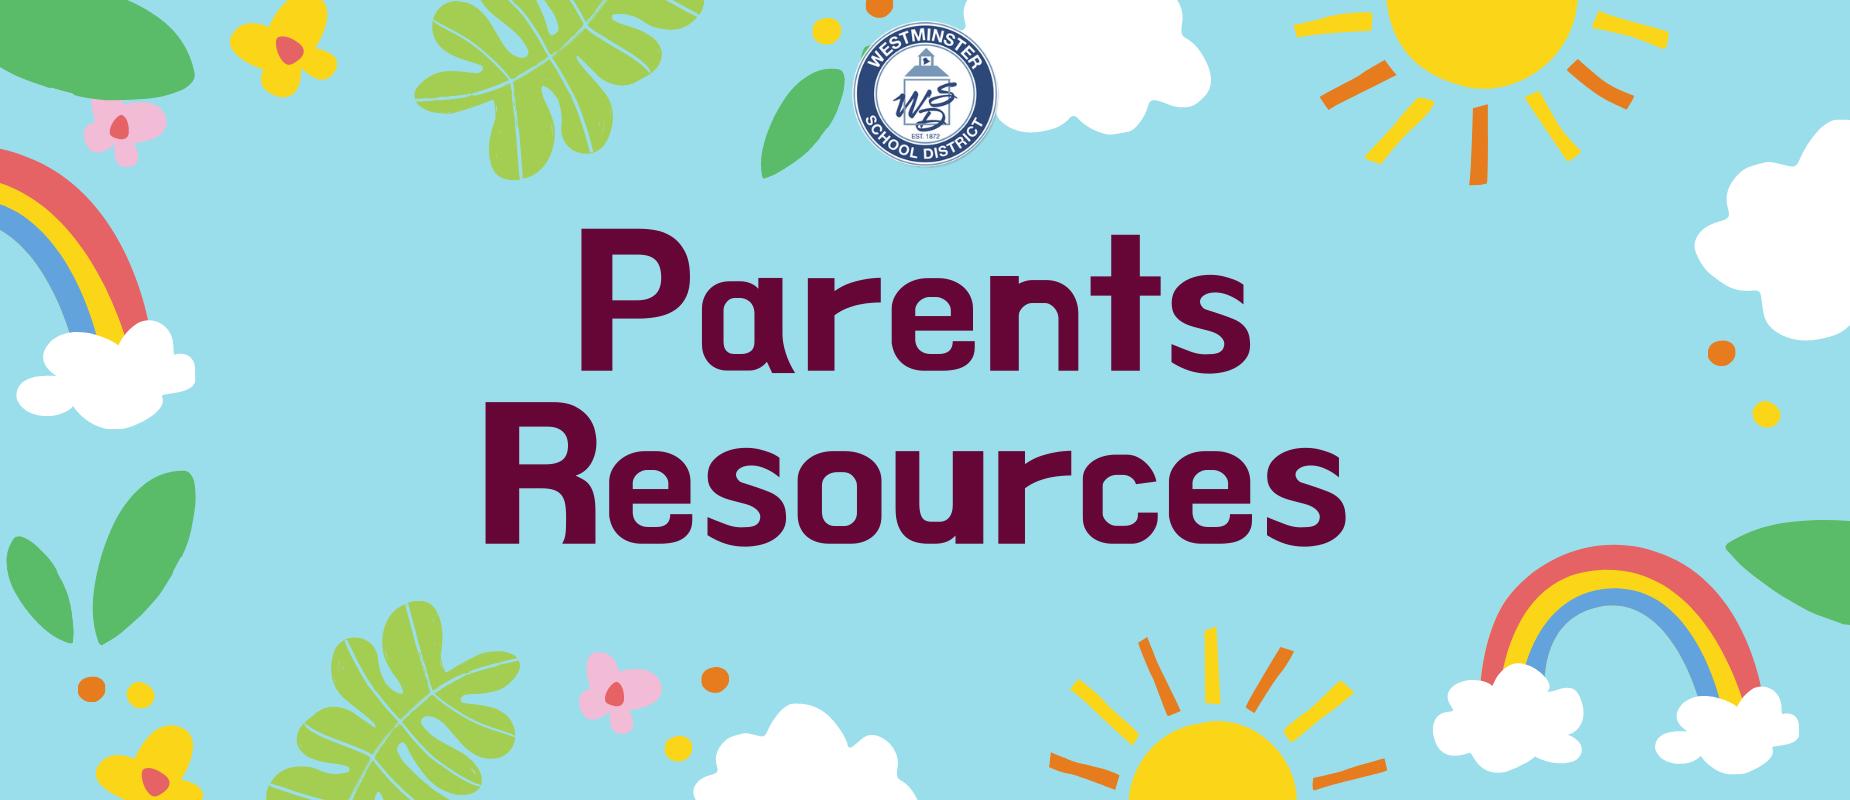 Videos as Parent Resources